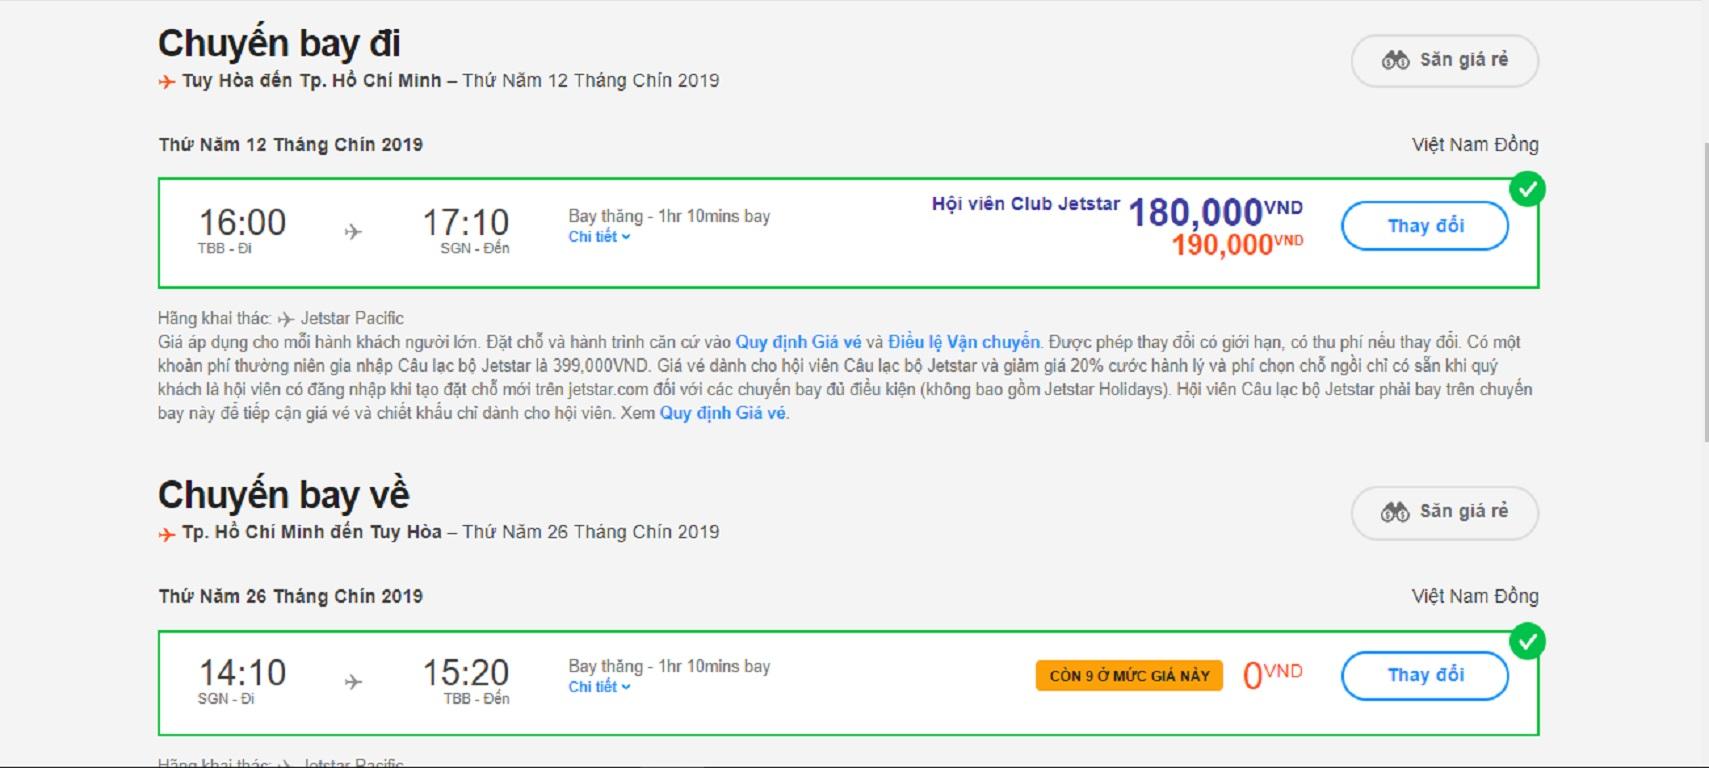 Chặng khứ hồi HCM- Tuy Hòa ngày 12/9 và 24/9  cả thuế phí chỉ 990.000 đồng